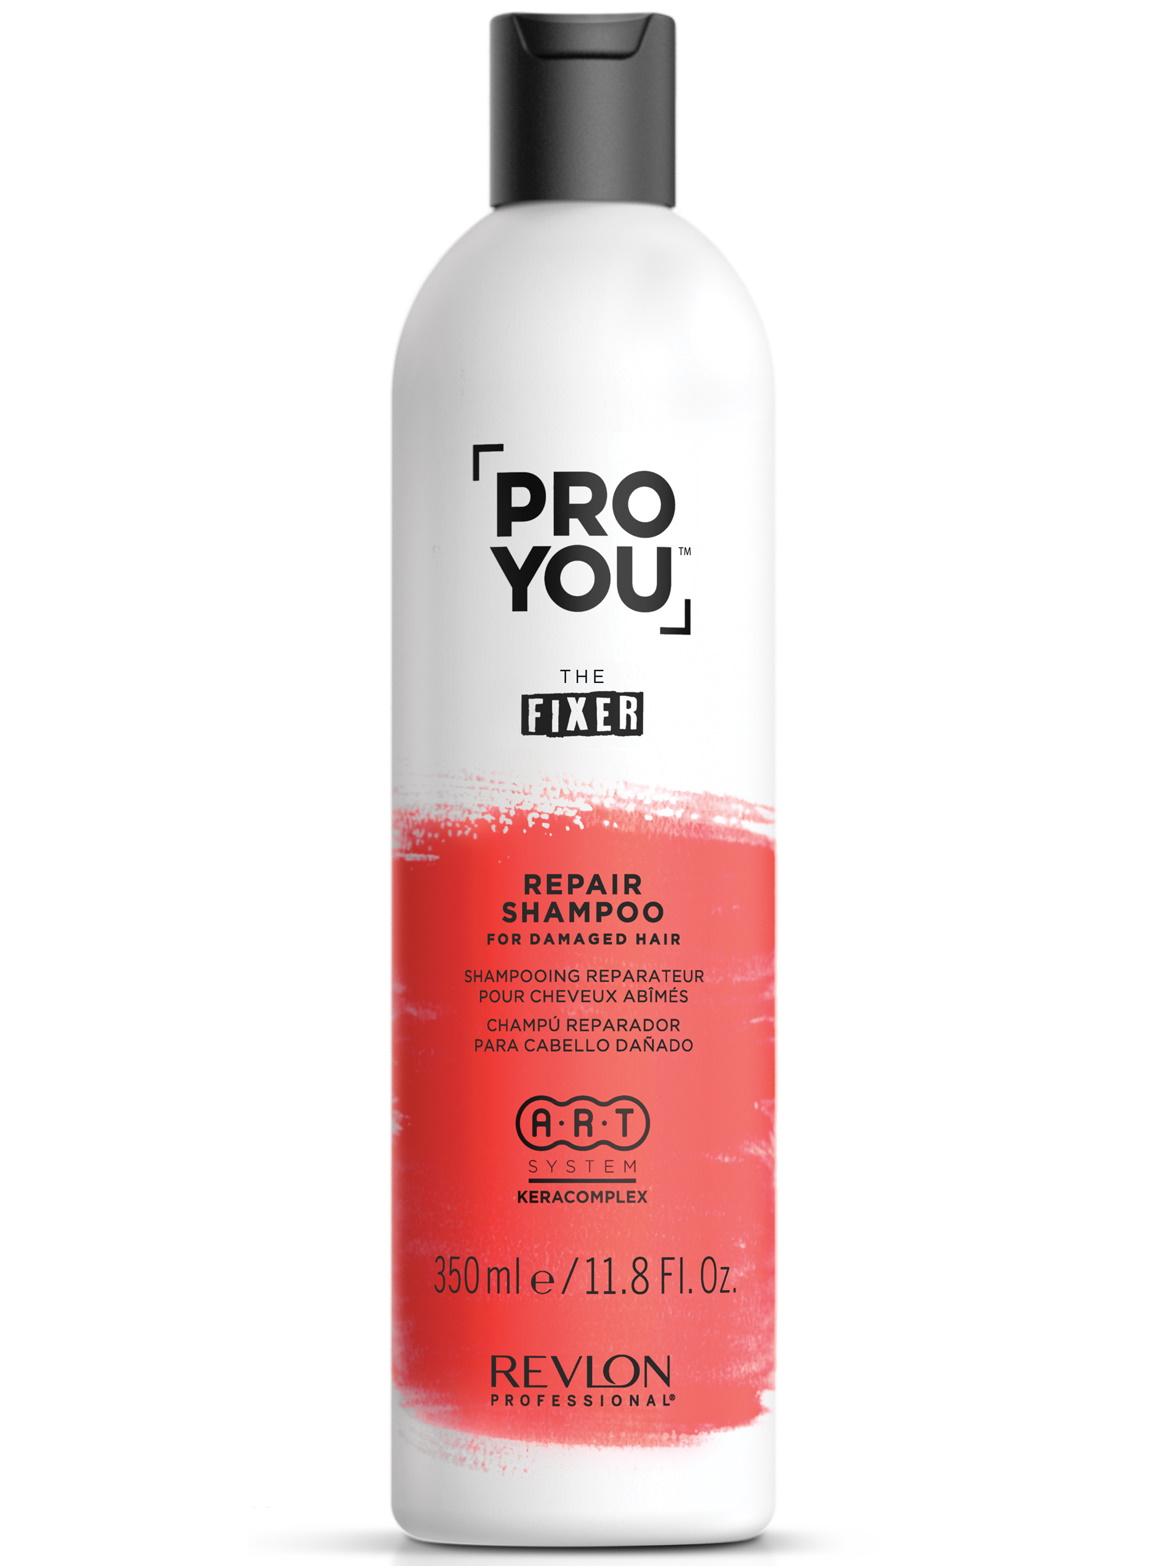 Купить Шампунь REVLON PRO YOU FIXER для восстановления волос 350 мл